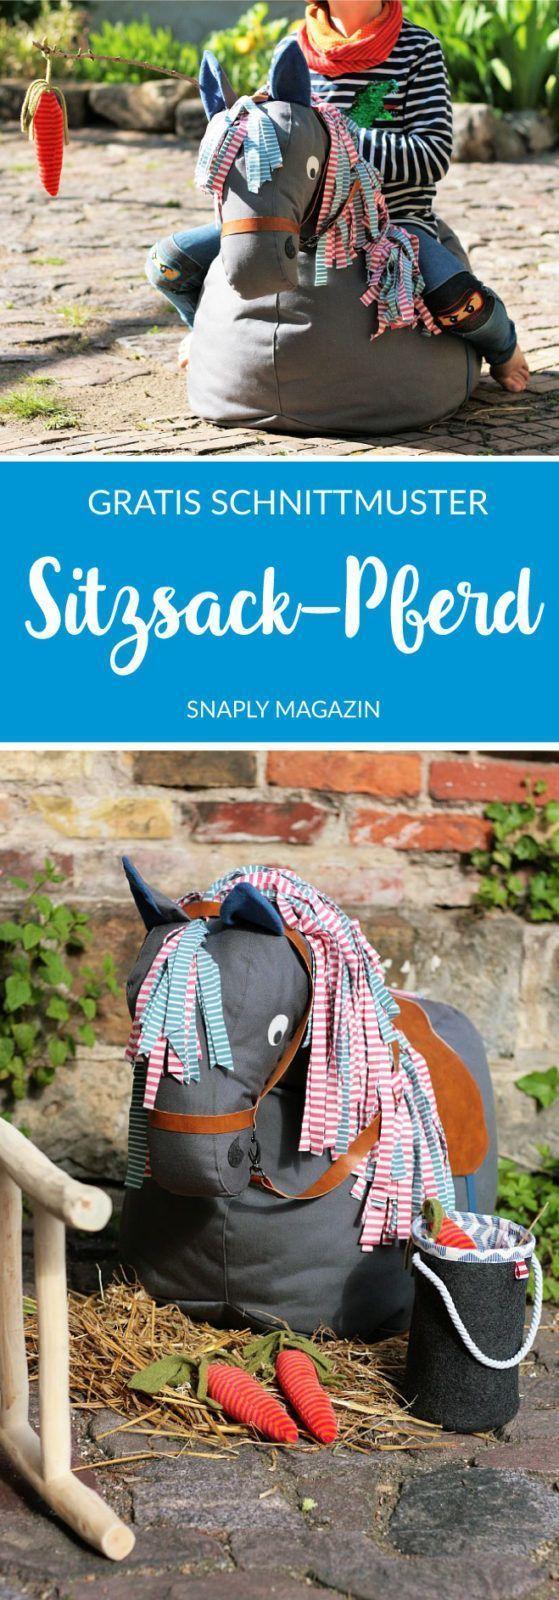 Kostenloses Schnittmuster für einen Pferde-Sitzsack   Snaply-Magazin